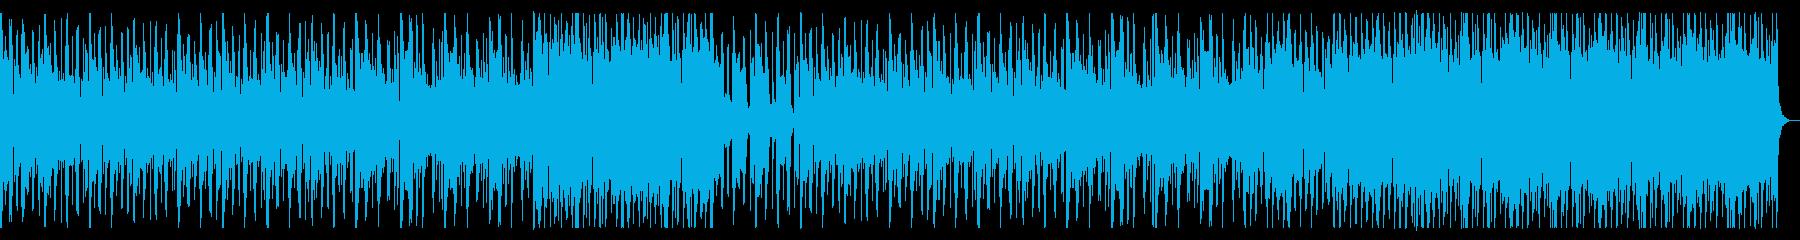 ドライブミュージック_No632_1の再生済みの波形